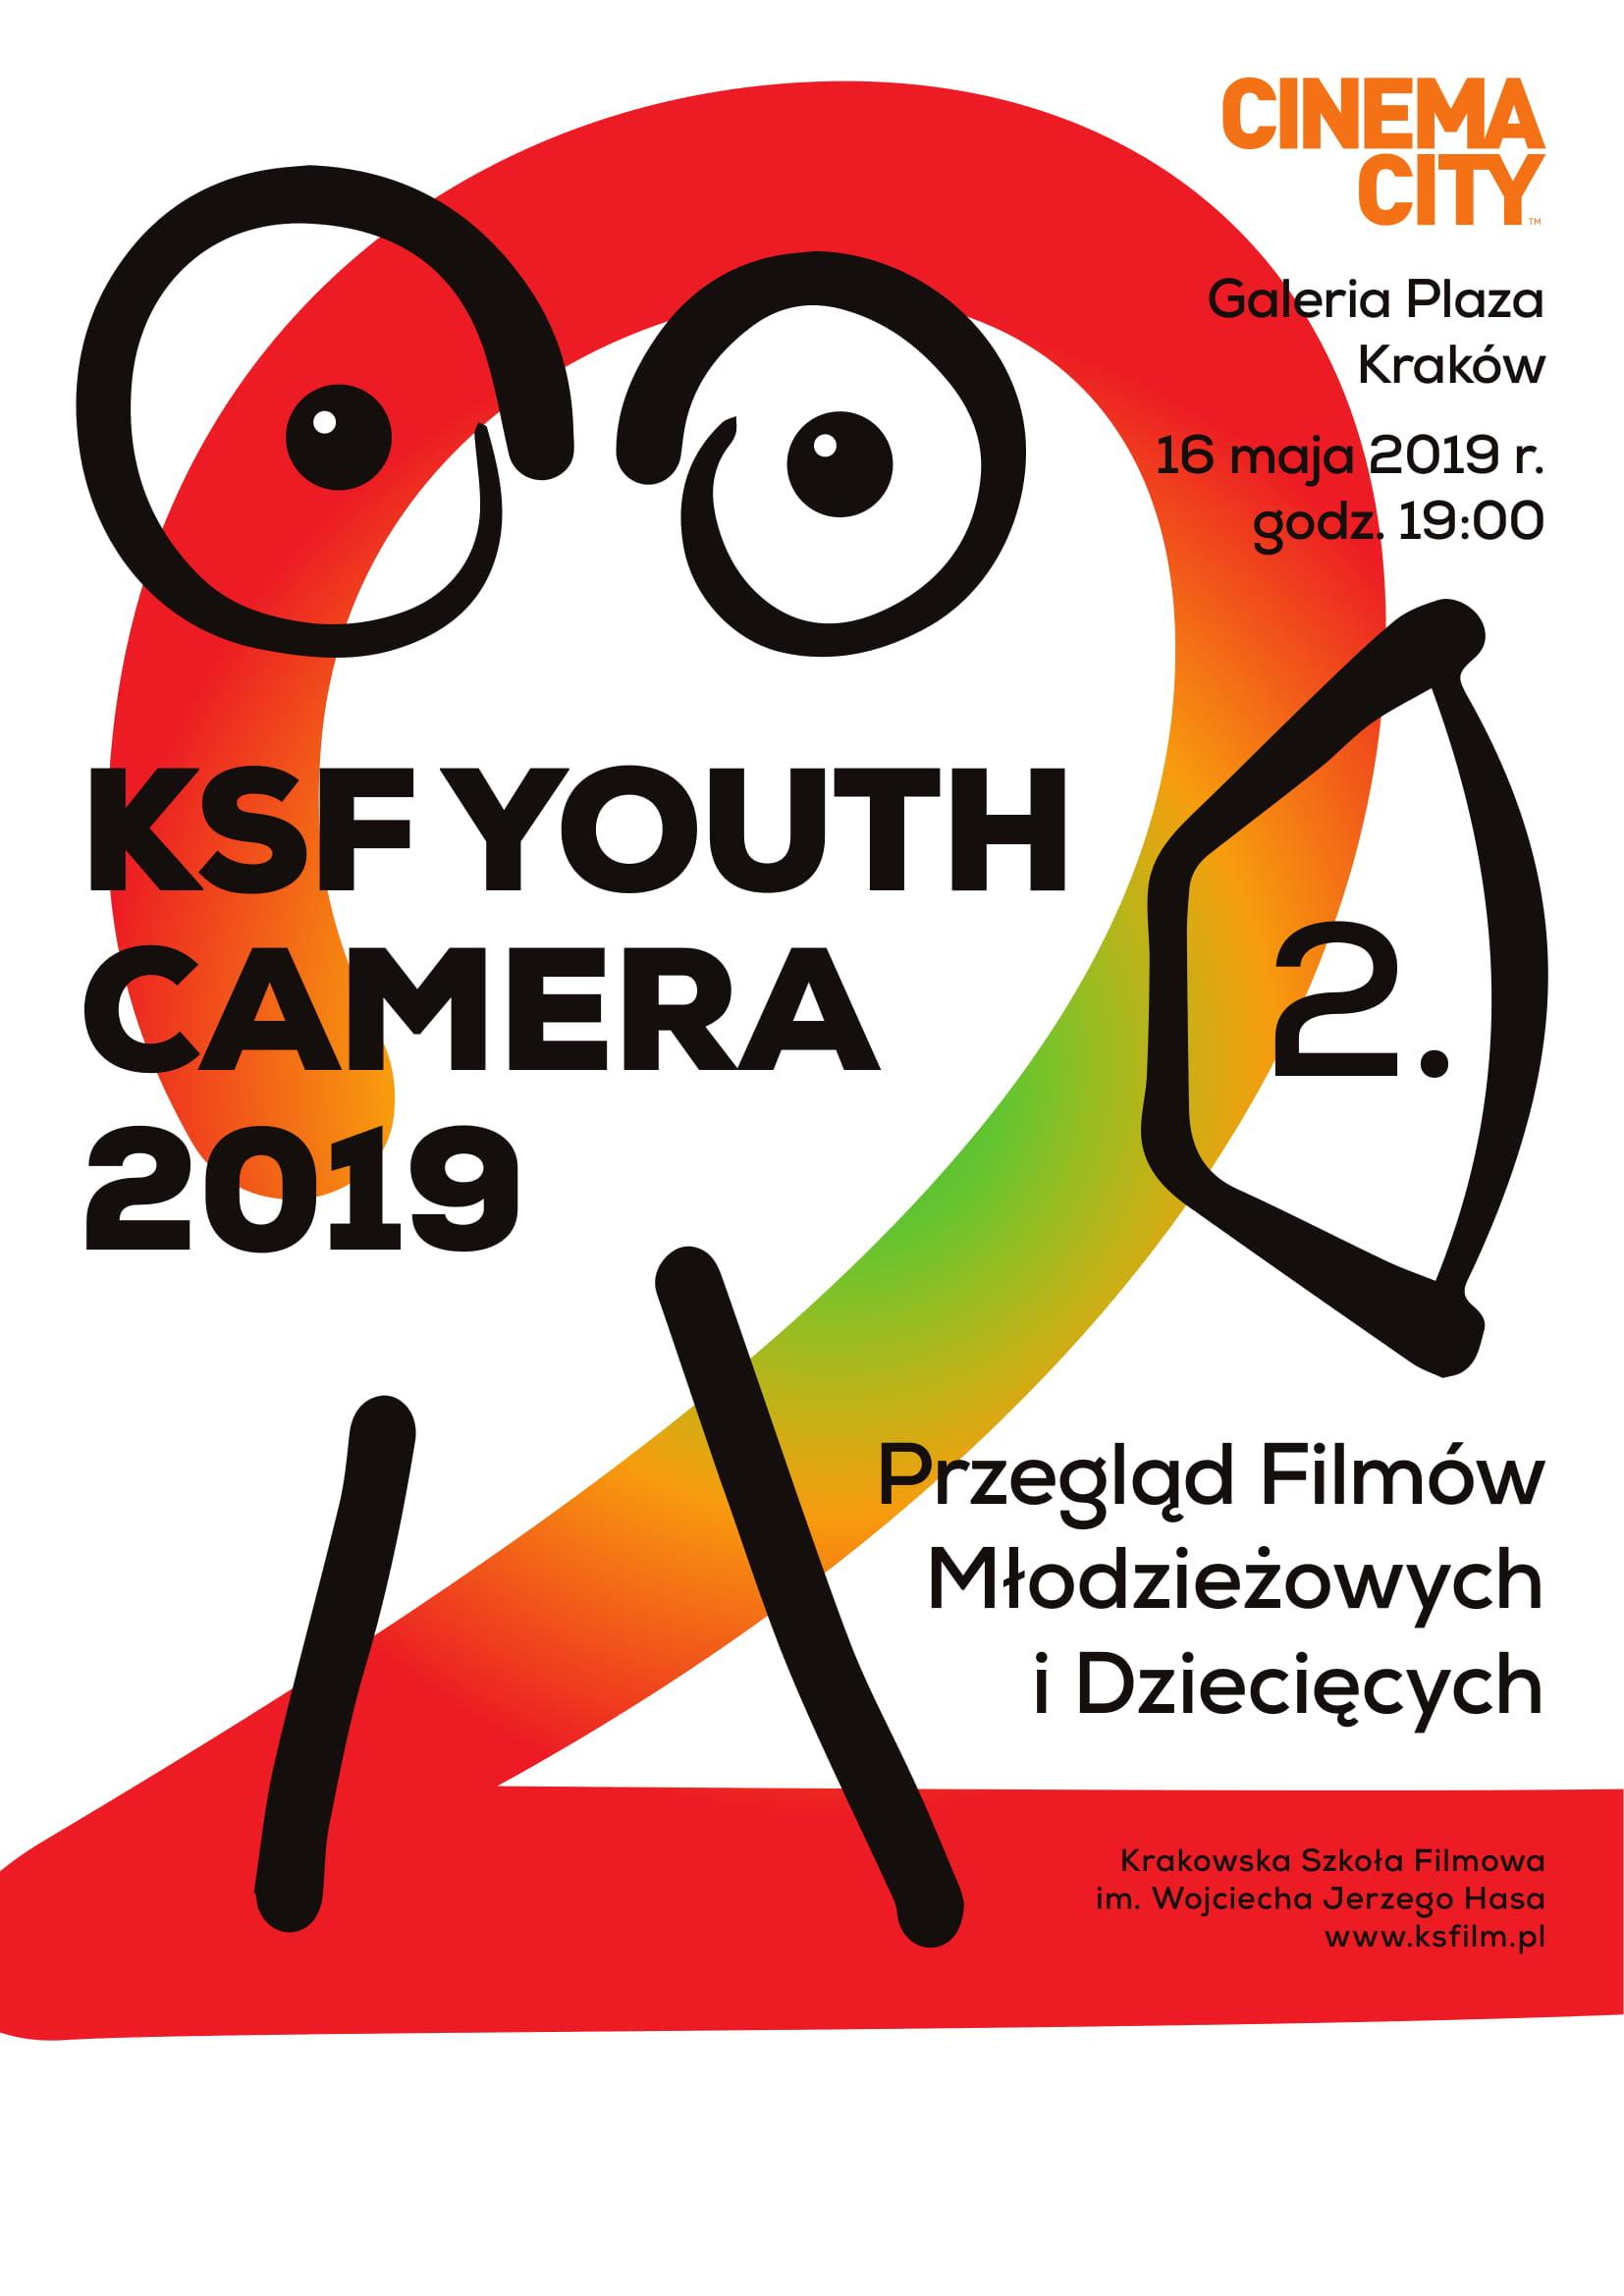 plakat_KSF_2019_OK_2_bez_logotypow-1